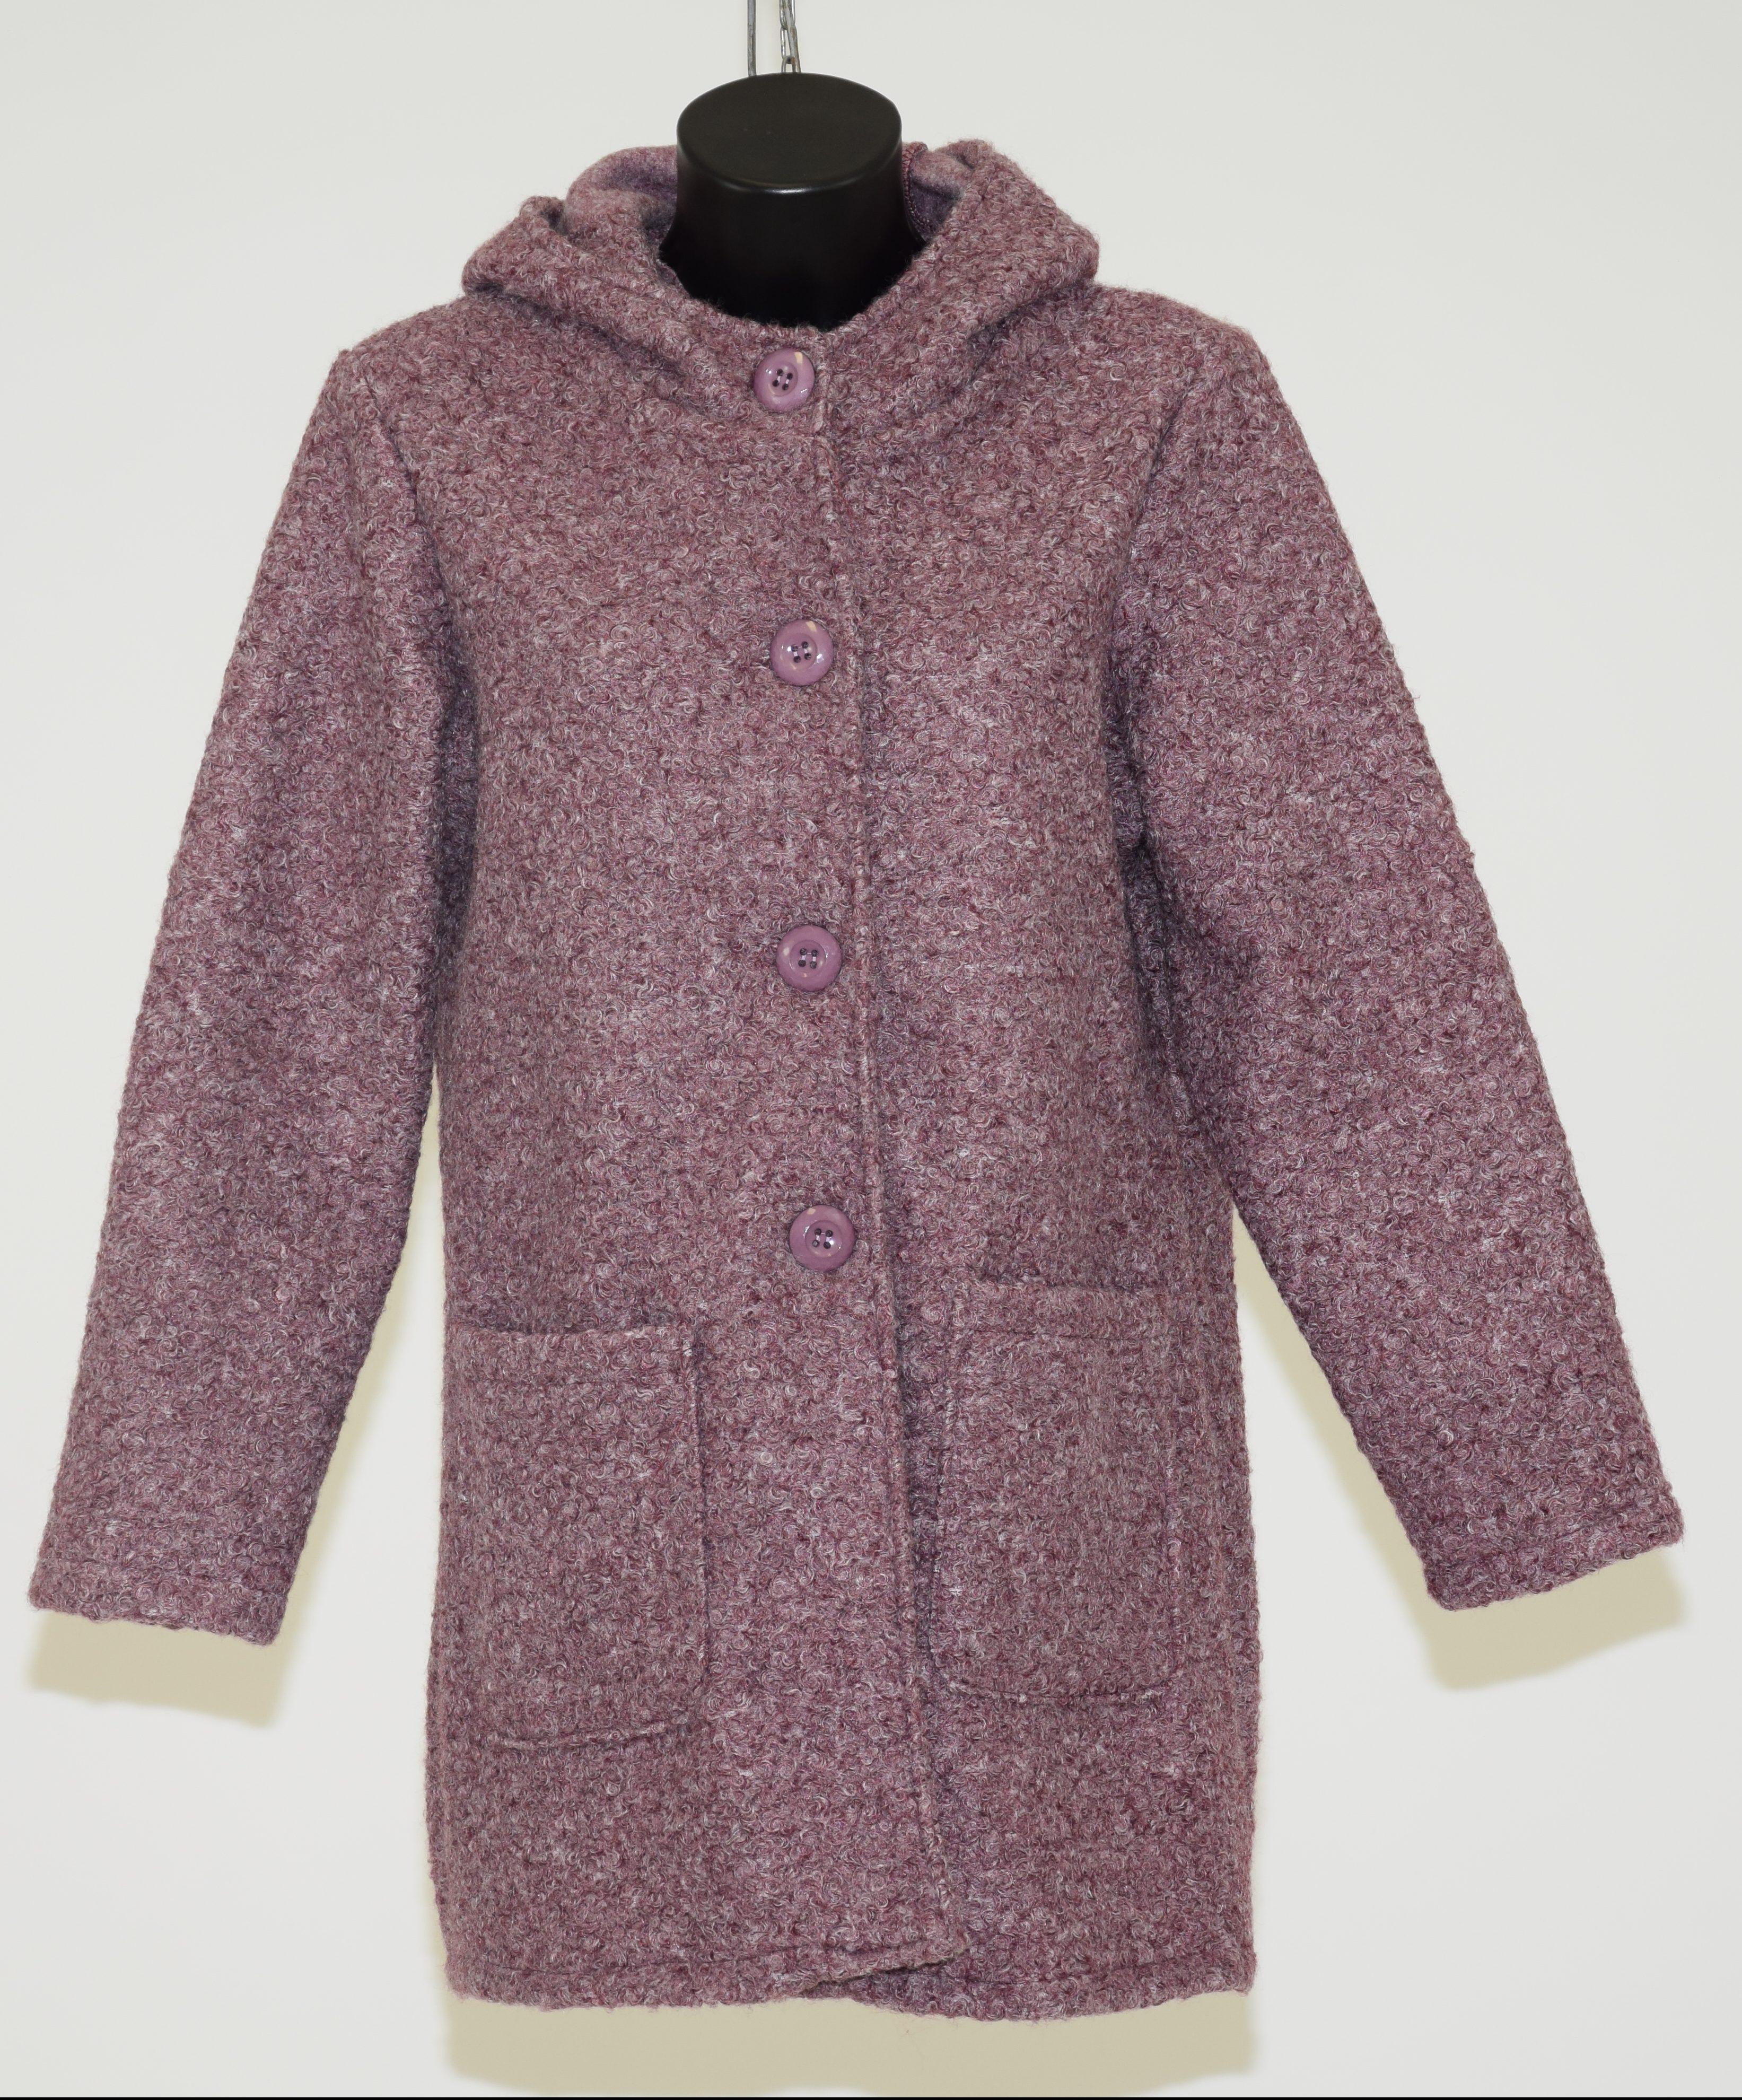 2b3b1beae3 Cappotto in lana cotta con cappuccio e maniche lunghe